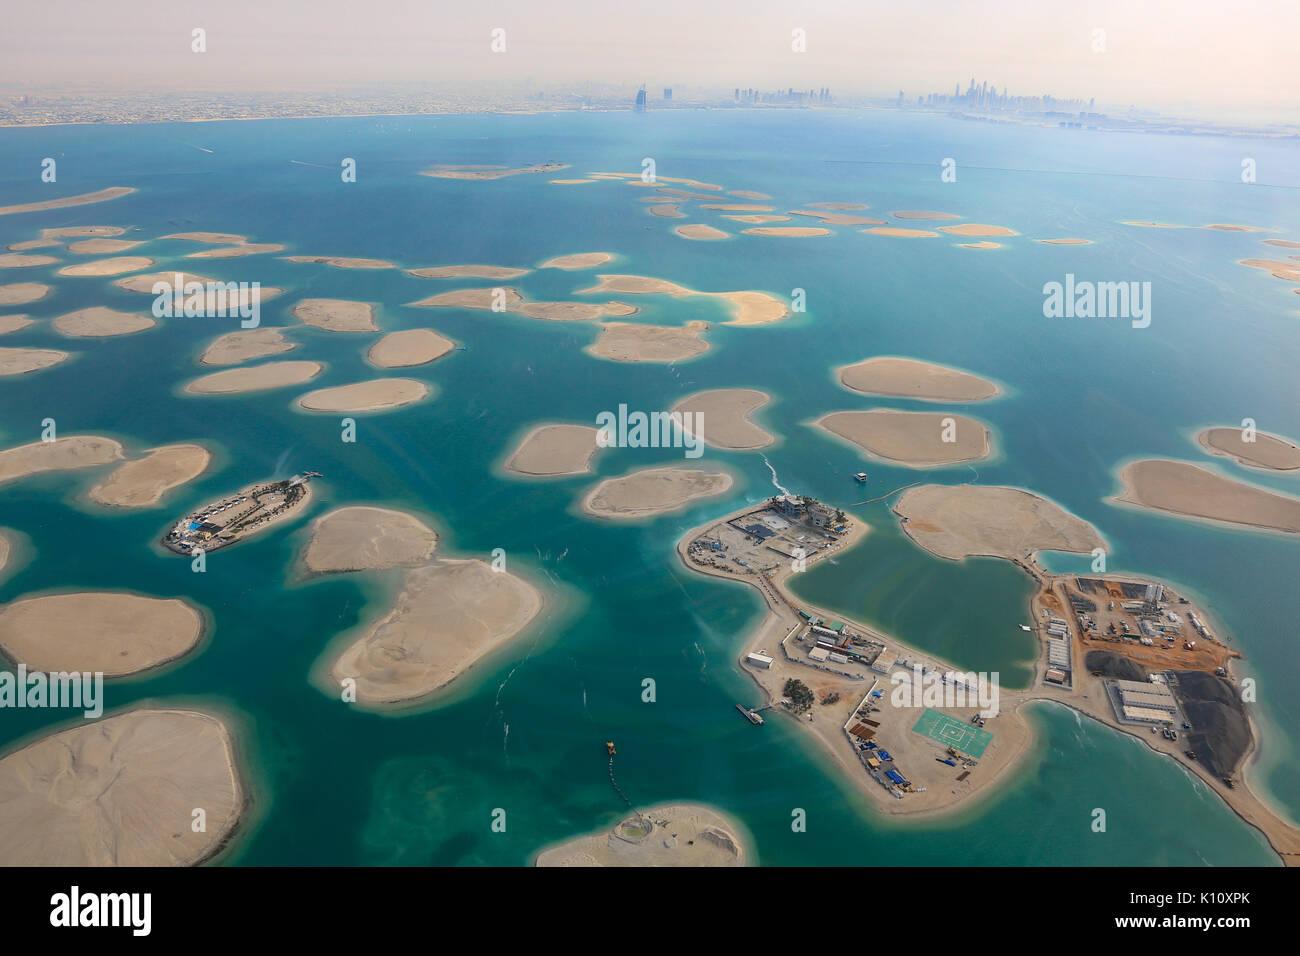 Dubai isole del mondo Germania Austria Svizzera libano isola panorama vista aerea fotografia emirati arabi uniti Immagini Stock